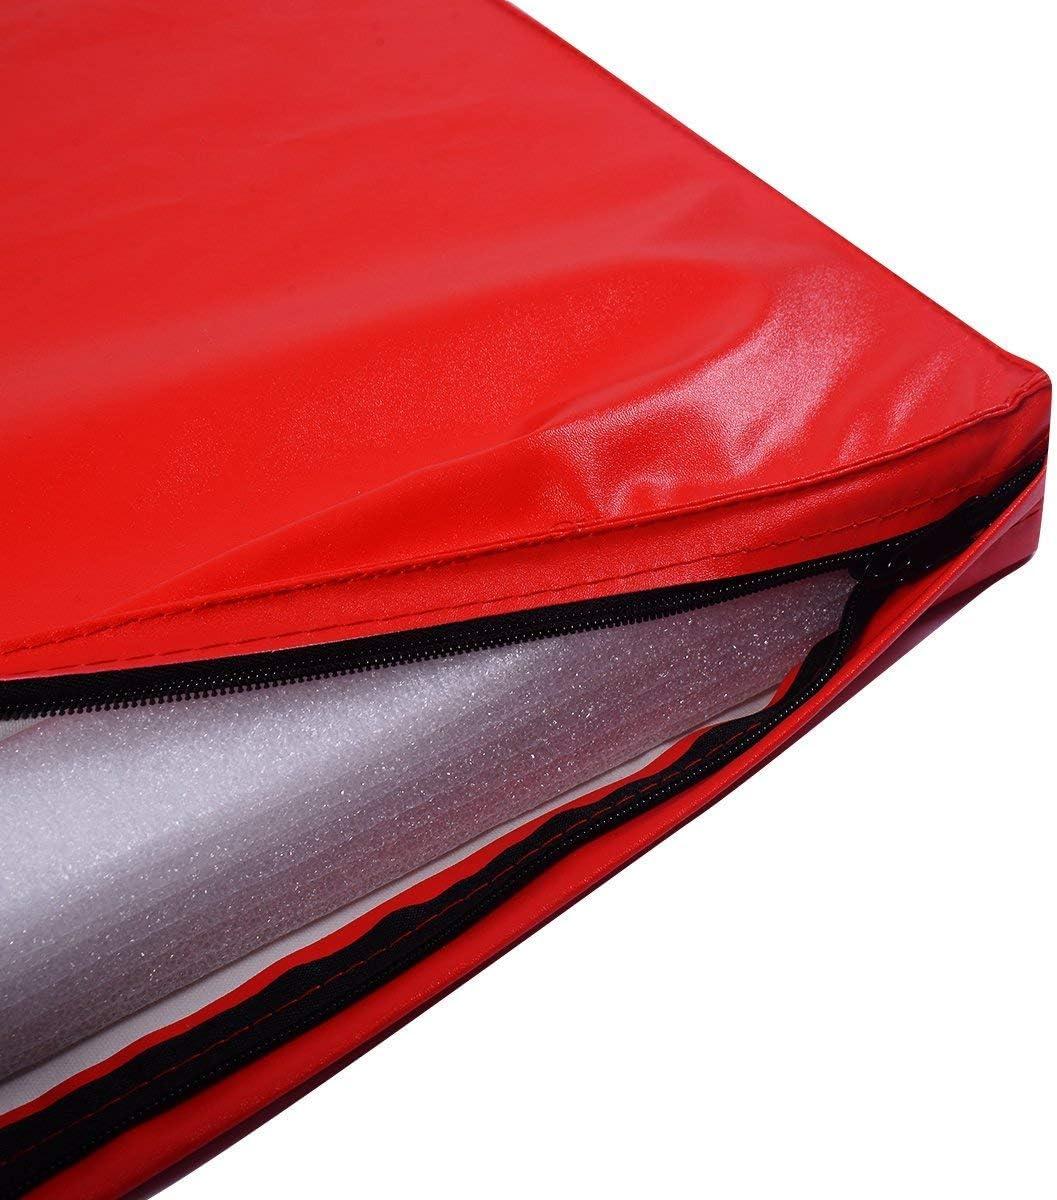 COSTWAY Tapis de Gymnastique Pliable Tapis de Yoga Pliant Tapis Musculation Matelas Gymnastique Pliant Portable 180x60x5CM